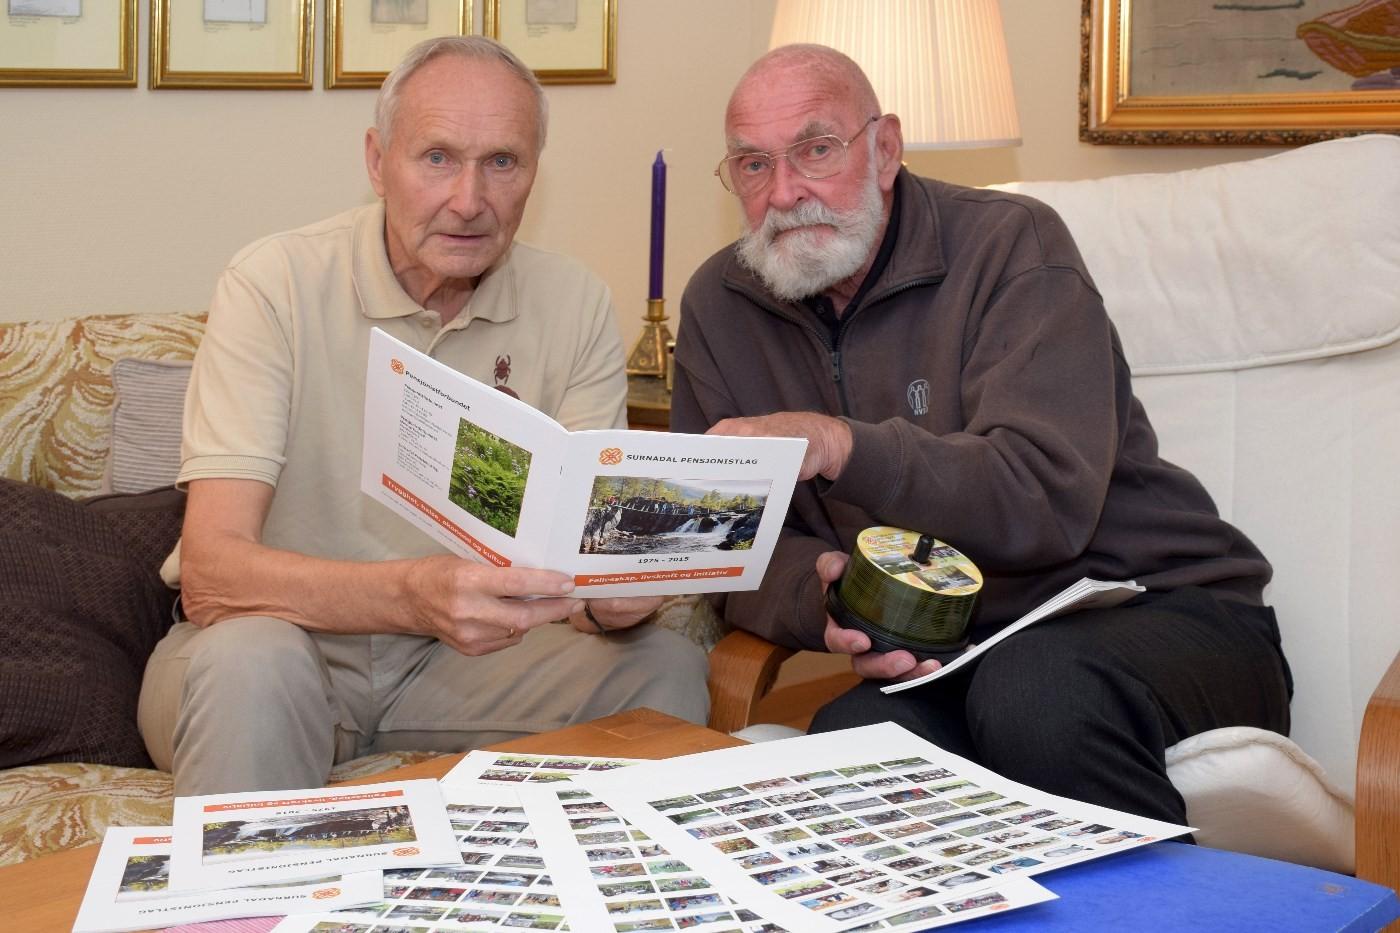 Vidar Sogge og Sjur Fedje har vore sentrale personar i arbeidet med jubileumsheftet til Surnadal pensjonistlag.  foto: Jon Olav Ørsal